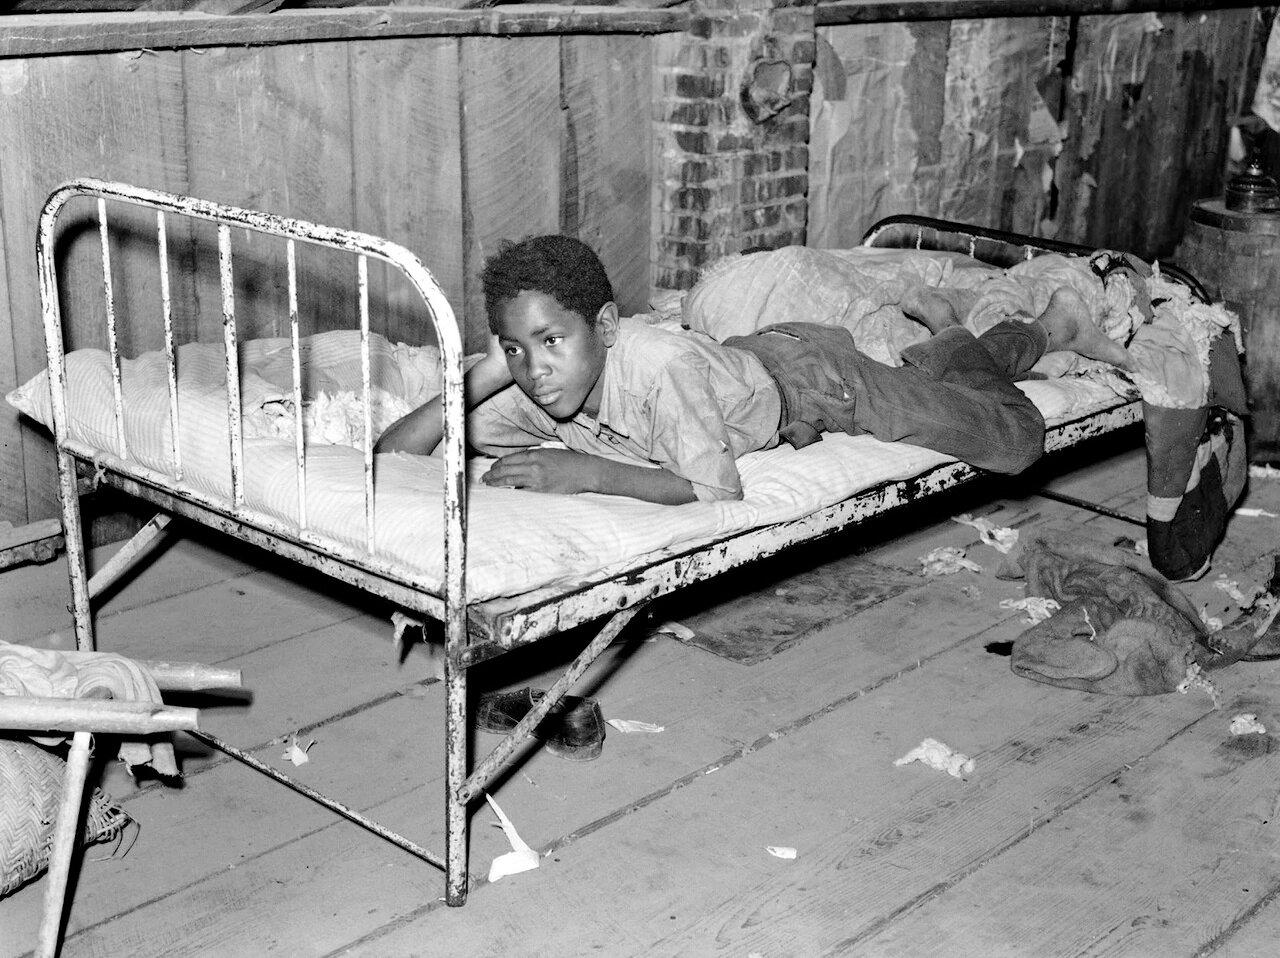 Мальчик отдыхает на кровати в бараке испольщика. Округ Новый Мадрид, Миссури, 1938